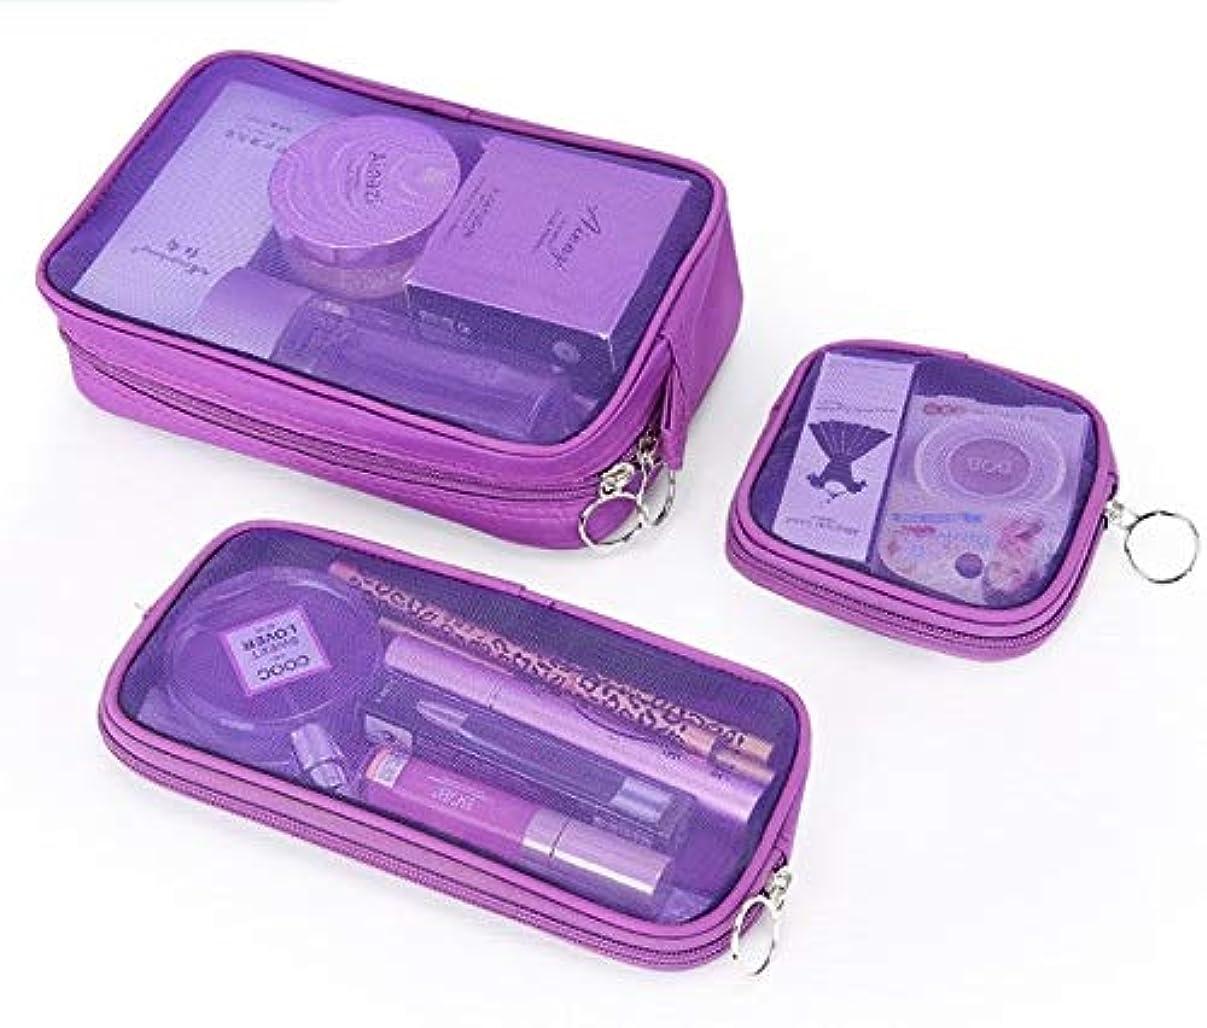 お茶社会主義者フォロー化粧箱、3の透明メッシュ化粧品袋セット、ポータブル旅行化粧品袋収納袋、美容ネイルジュエリー収納ボックス (Color : Purple)